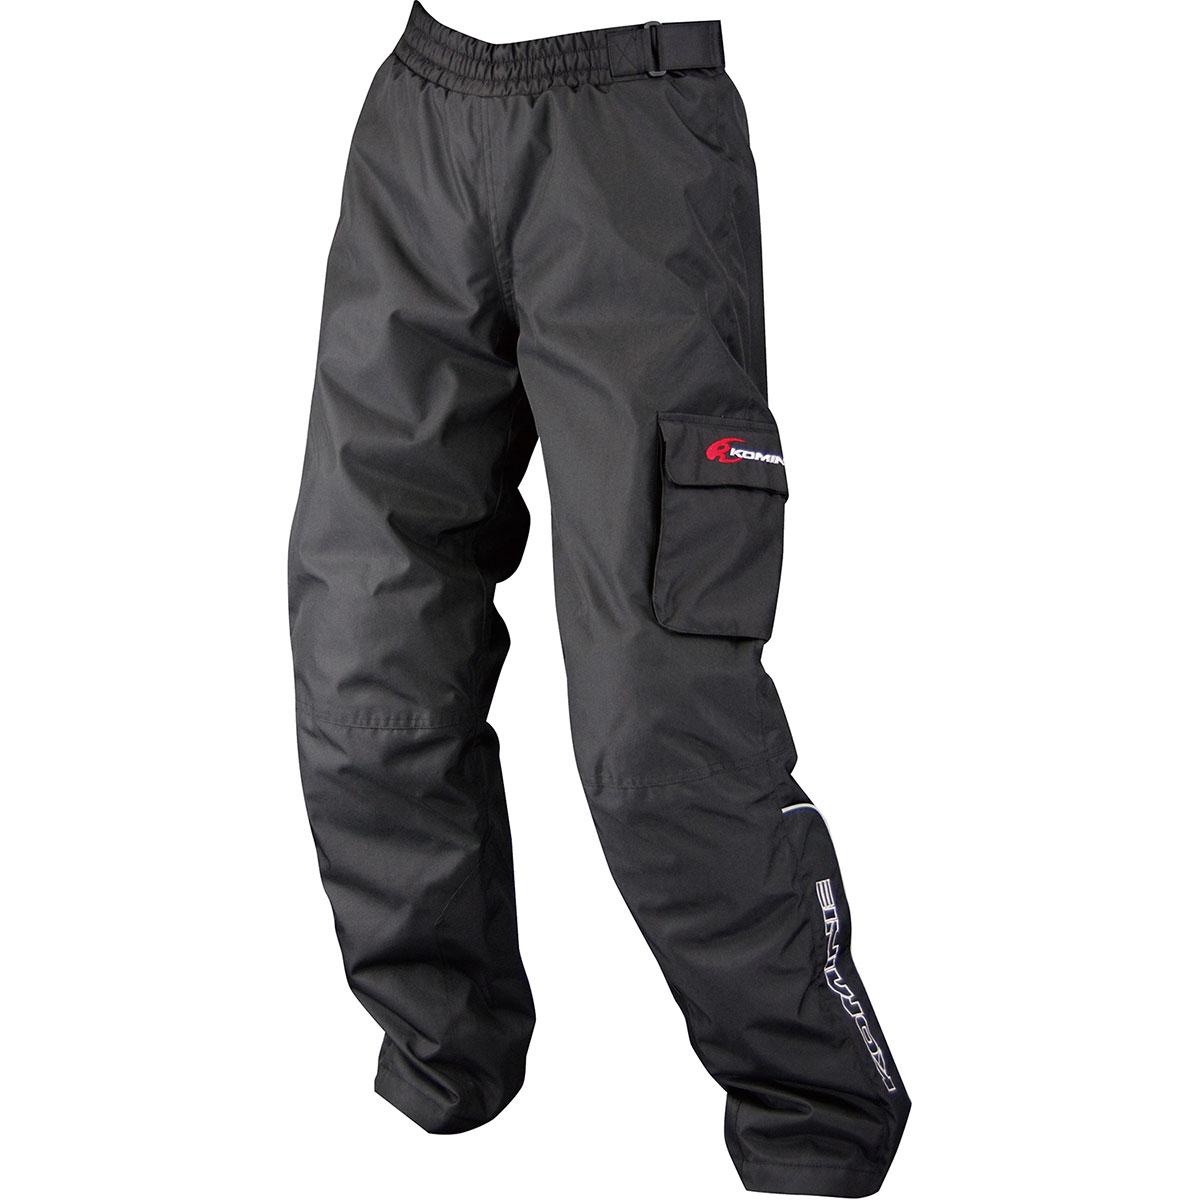 コミネ (Komine) バイク用 パンツ Pants PK-908 ウインターオーバーパンツ ブラック 黒 Lサイズ 07-908/BK/L